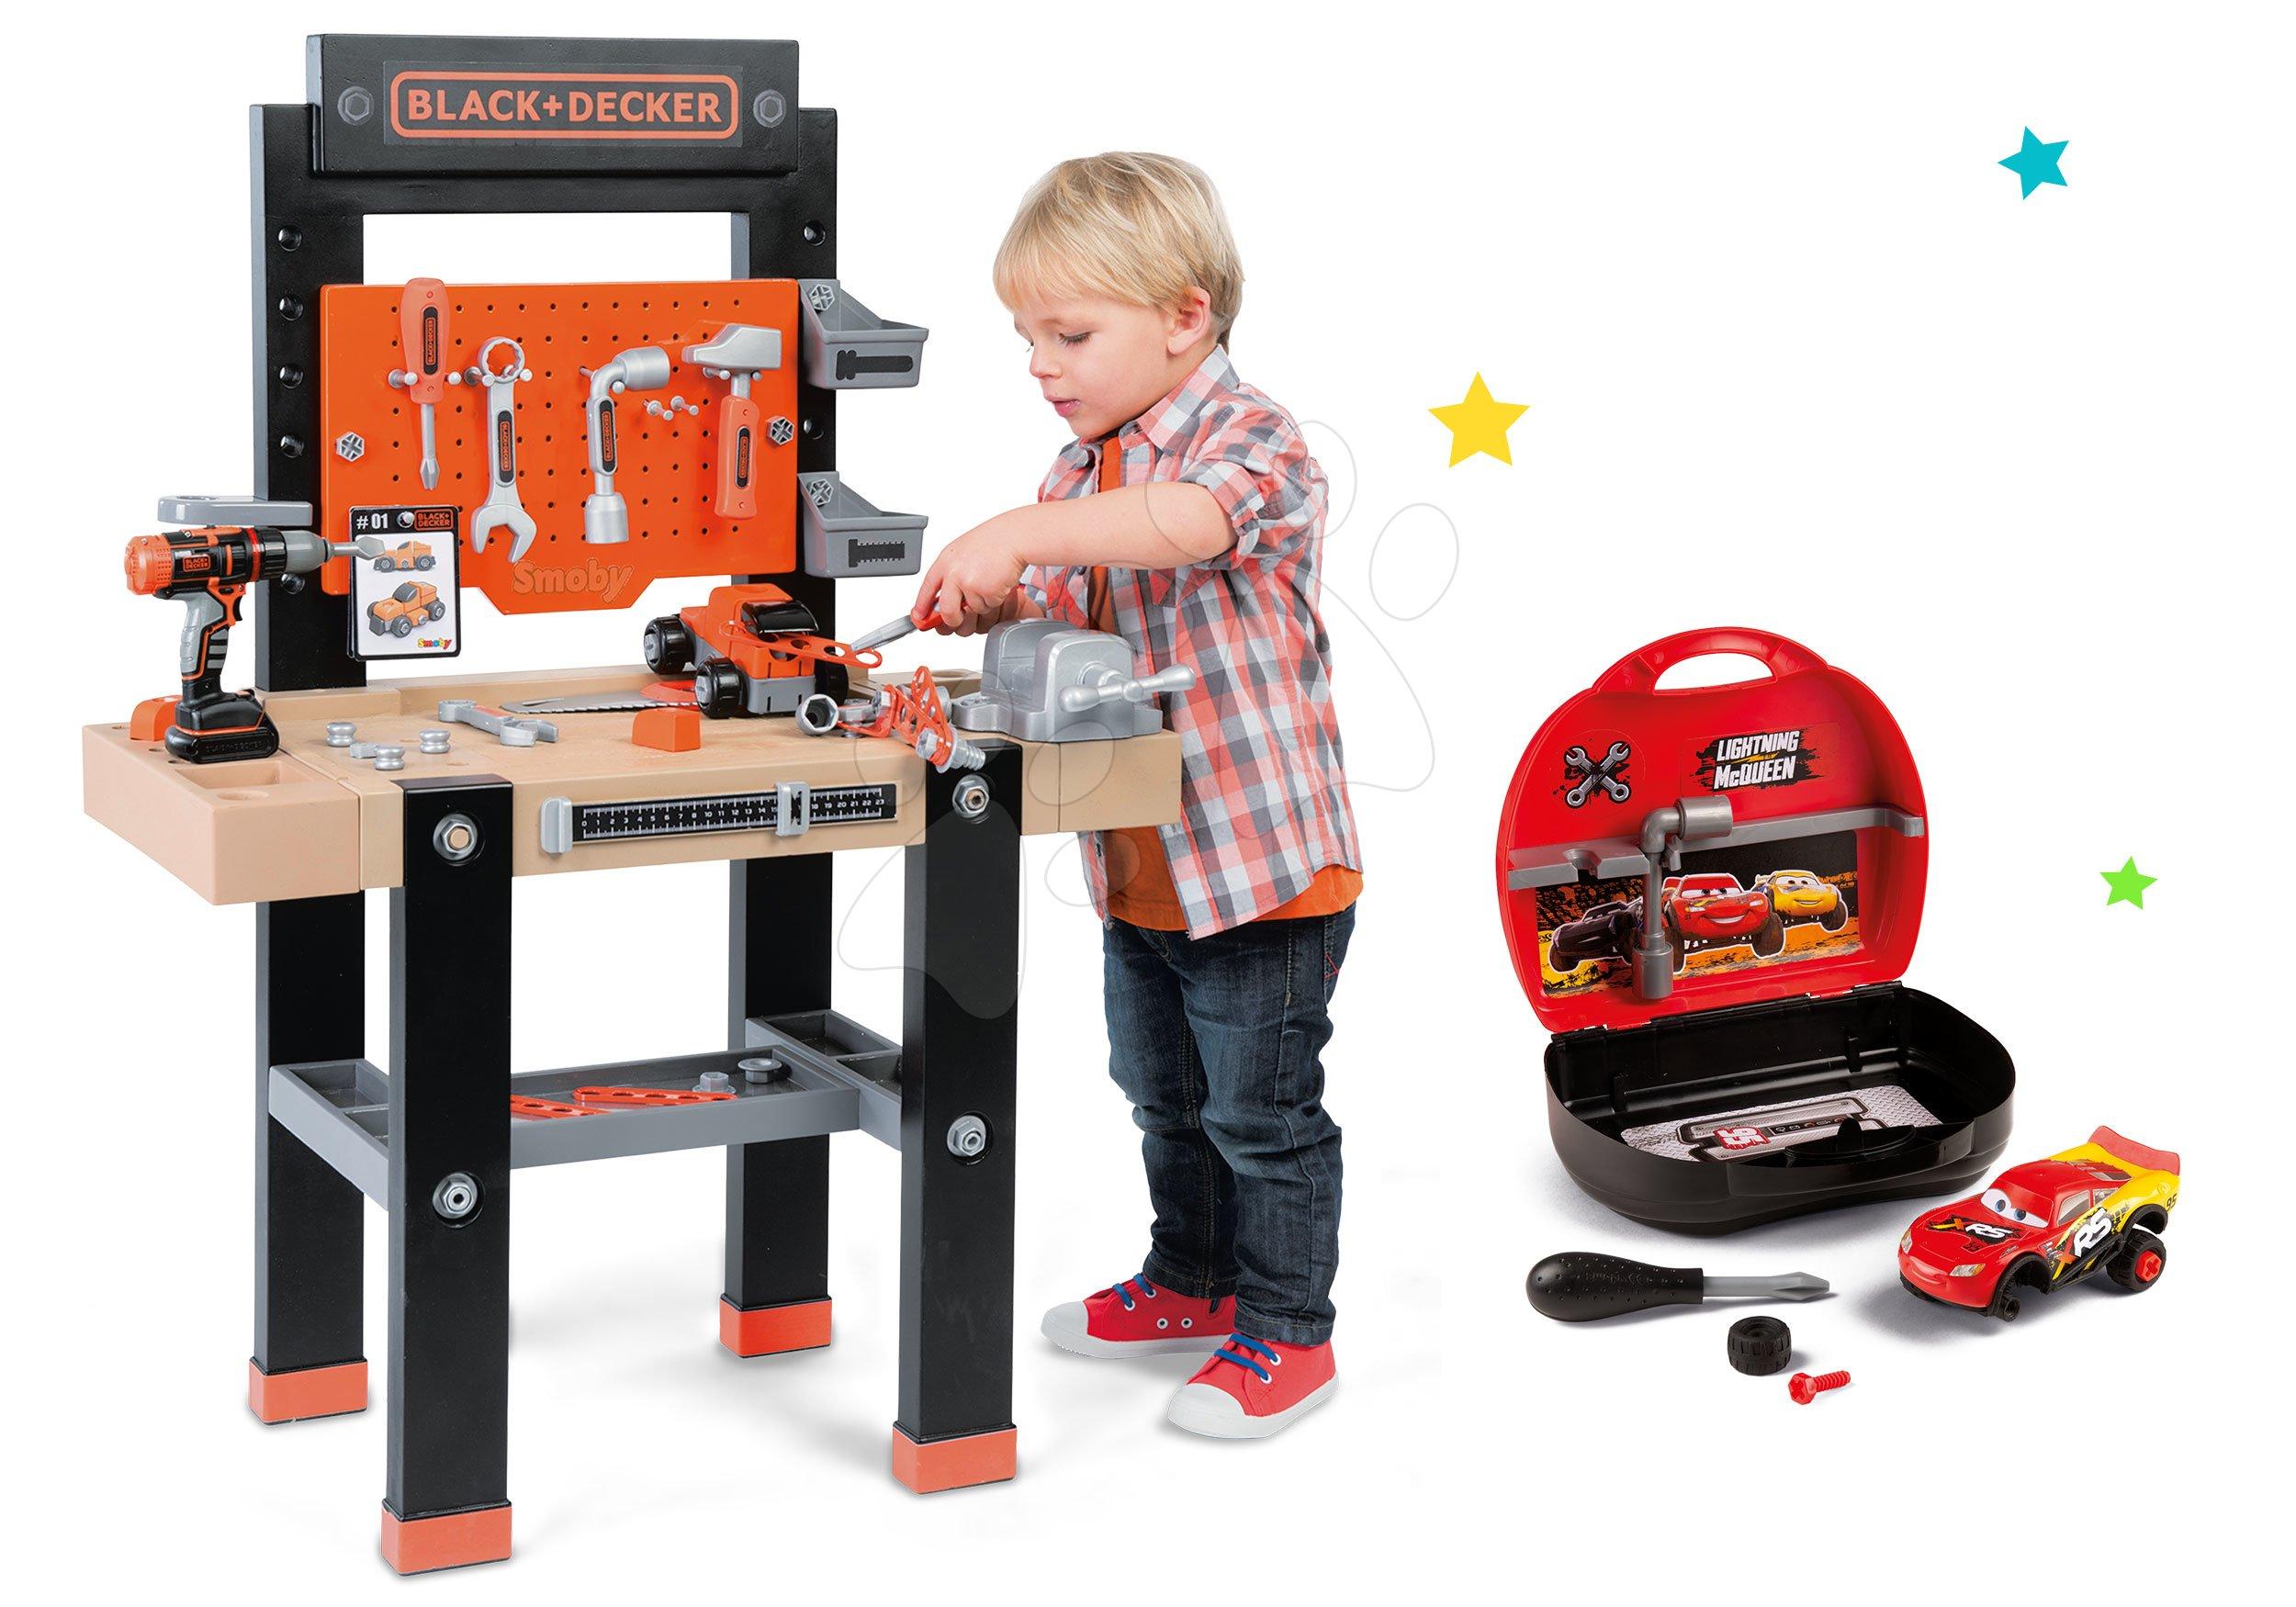 Detská dielňa sety - Set pracovná dielňa Black+Decker Smoby s vŕtačkou a autoservis Autá Ice s autíčkom McQueen v kufríku